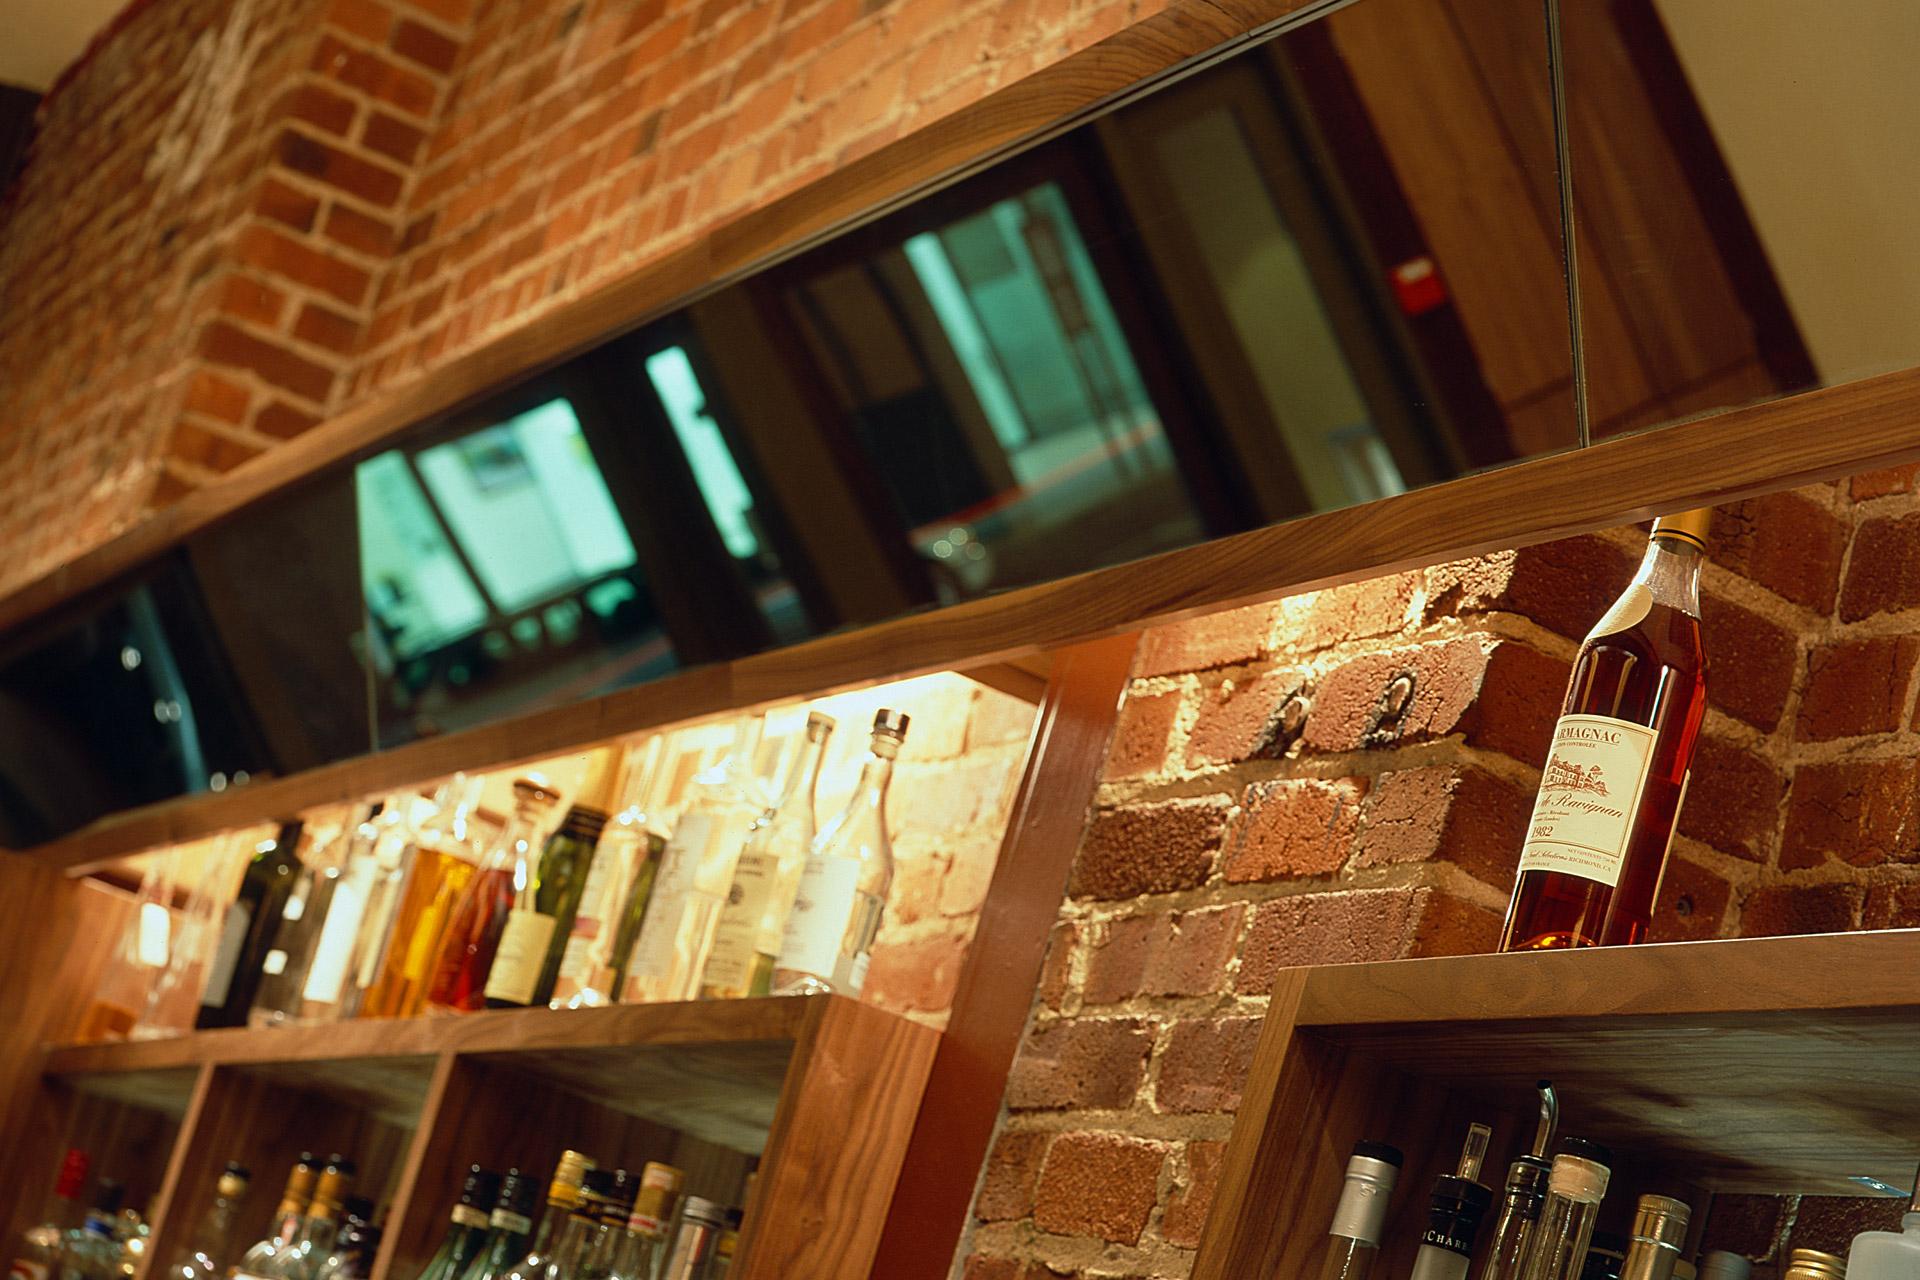 Perbacco restaurant home design